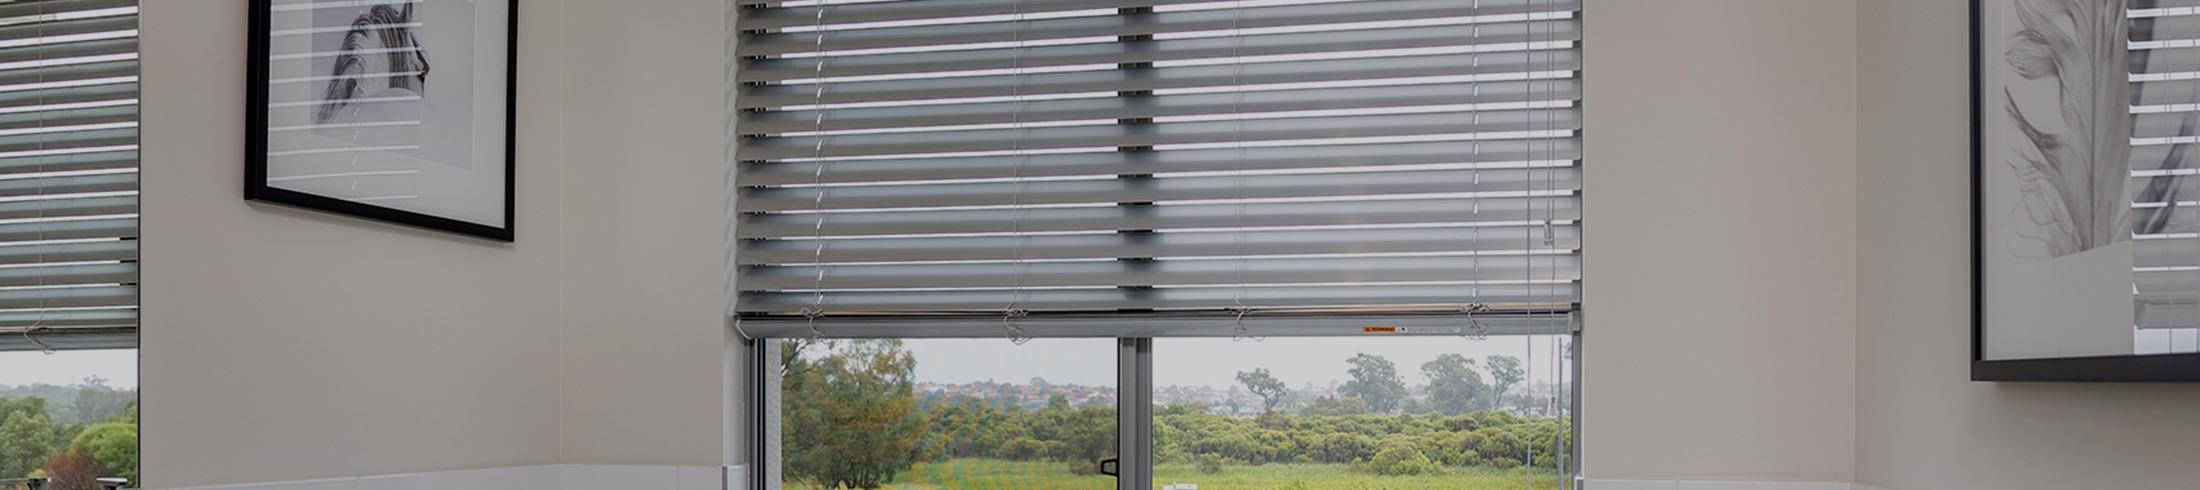 indoor venetian blinds 02